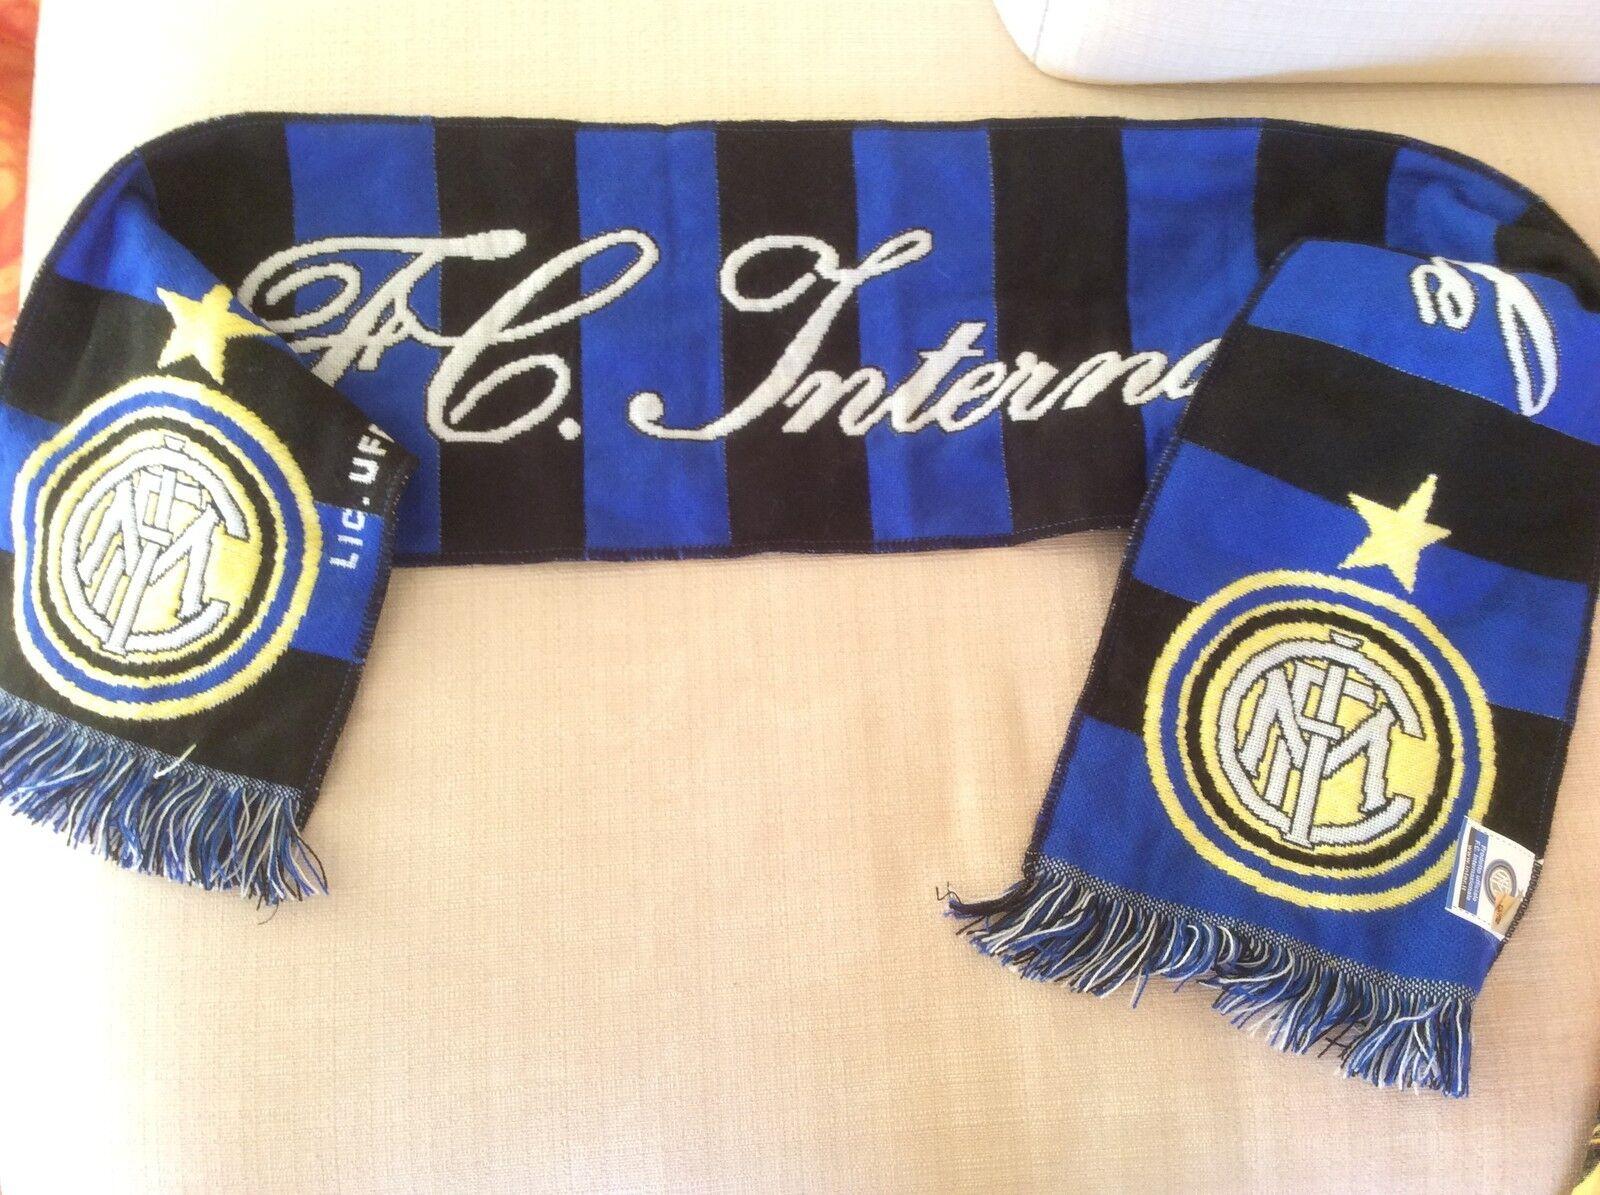 INTER F.C. INTERNAZIONALE CALCIO SCIARPA UFFICIALE DOPPIA LANA LANA LANA RICAMATA - ULTRA' a3e0de